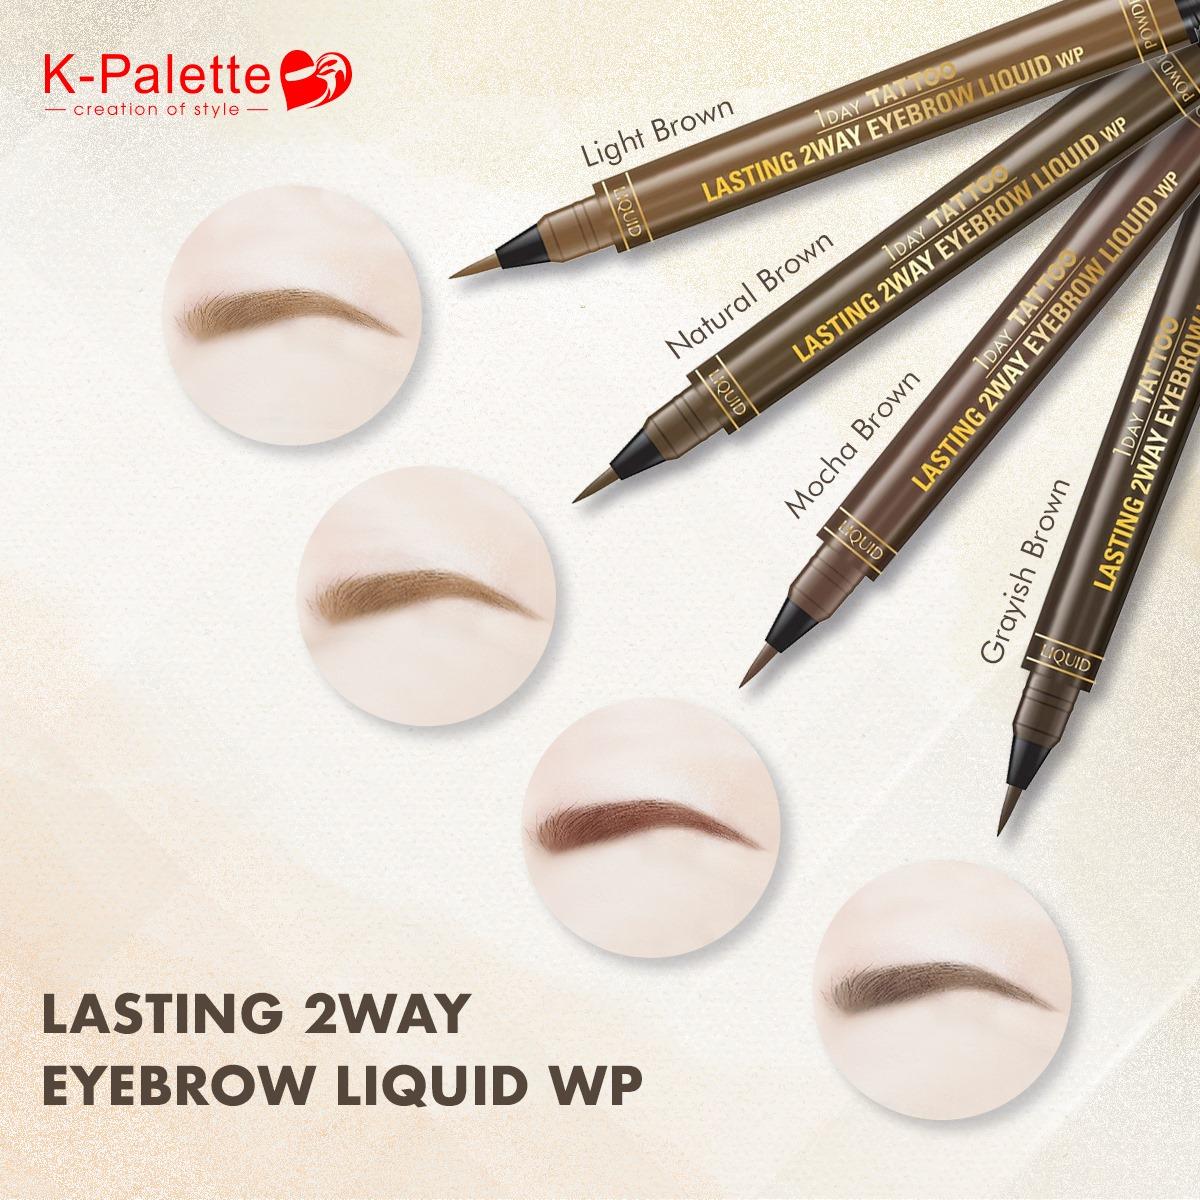 Bút Vẽ Lông Mày 2 Đầu K-Palette Eyebrow Pencil Chống Nước Lâu Trôi 24h (4 Màu)